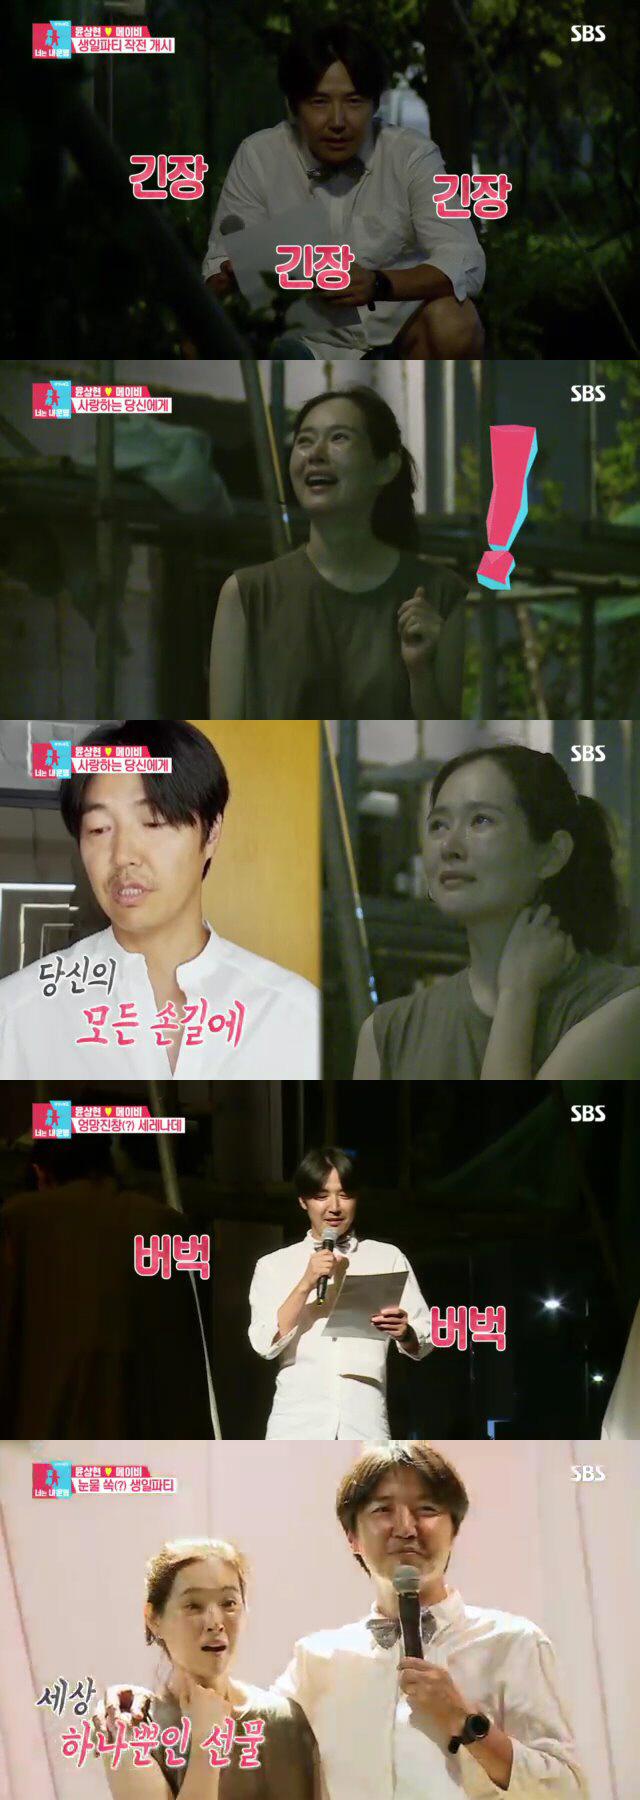 '너는 내 운명' 변함없는 월요 예능 1위, 메이비의 깜짝 생일파티 공개